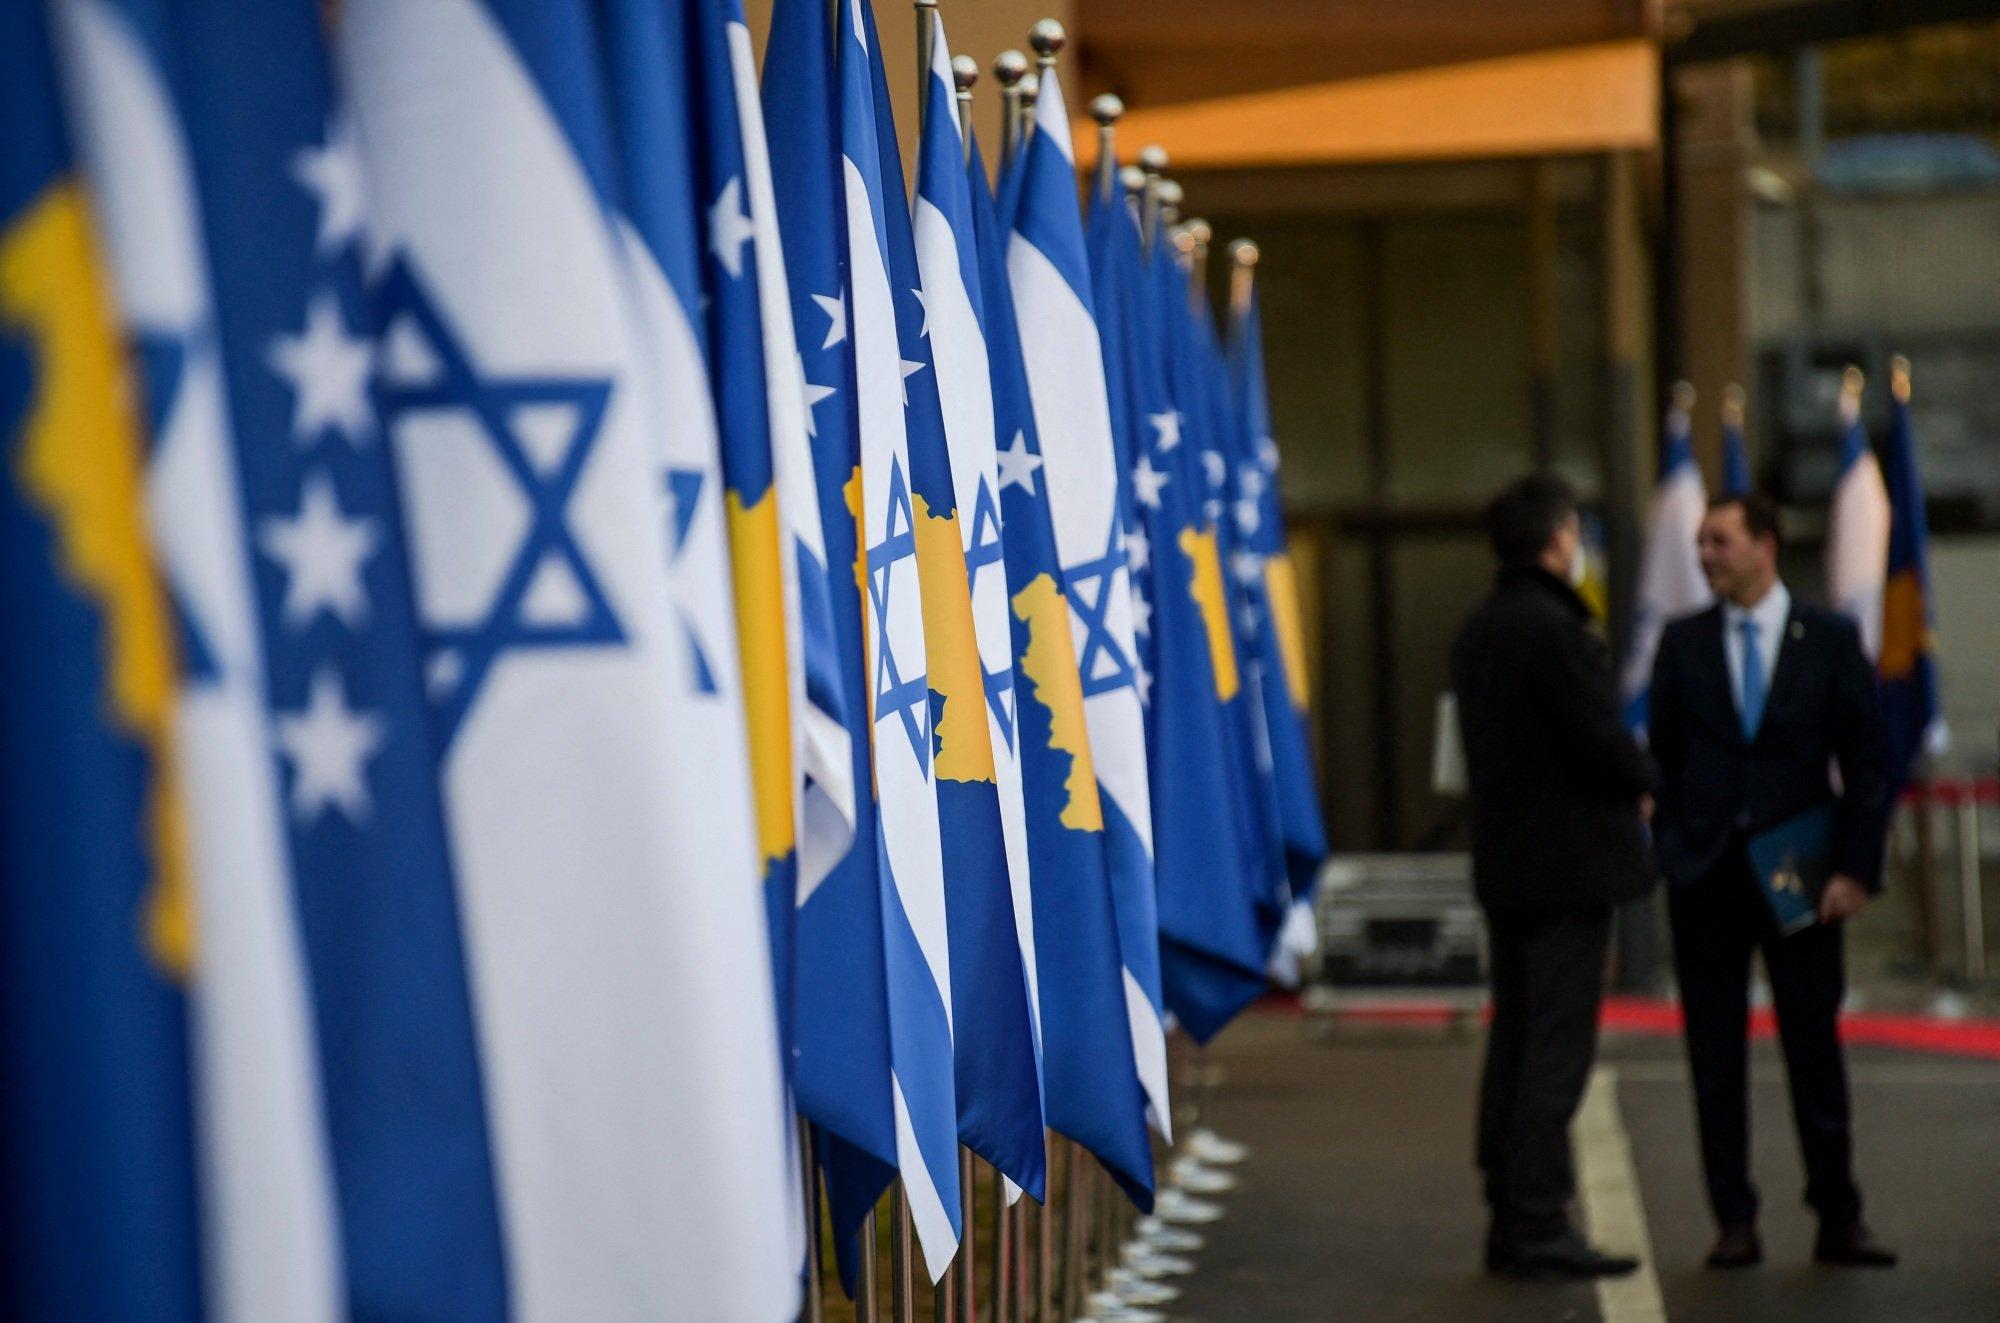 Kosova i del krah Izraelit, ka të drejtë të vetëmbrohet nga sulmet e Hamasit